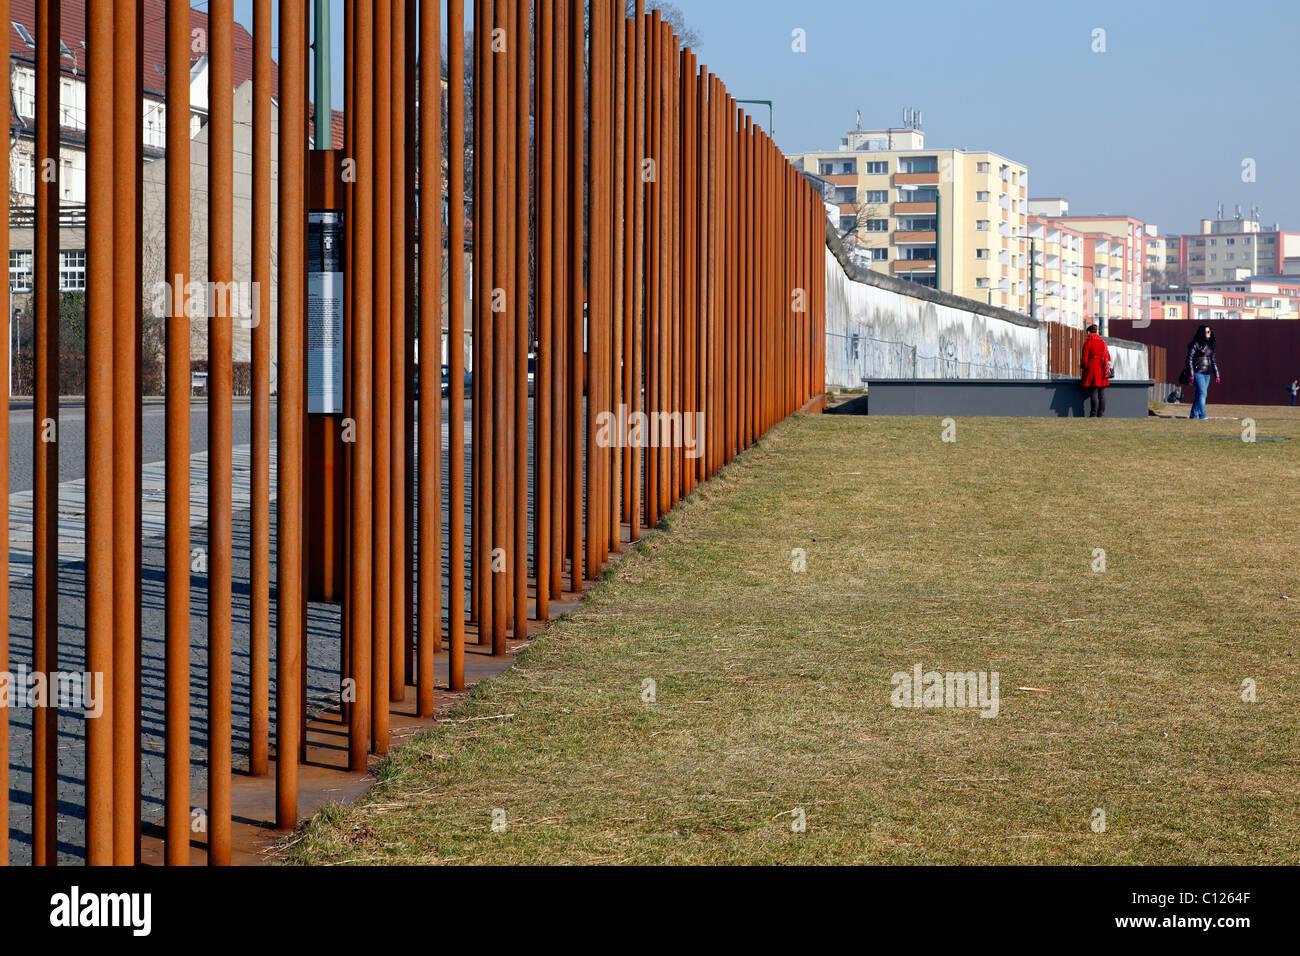 Centro de Visitantes de Memorial del Muro de Berlín, Berlín, Alemania Imagen De Stock